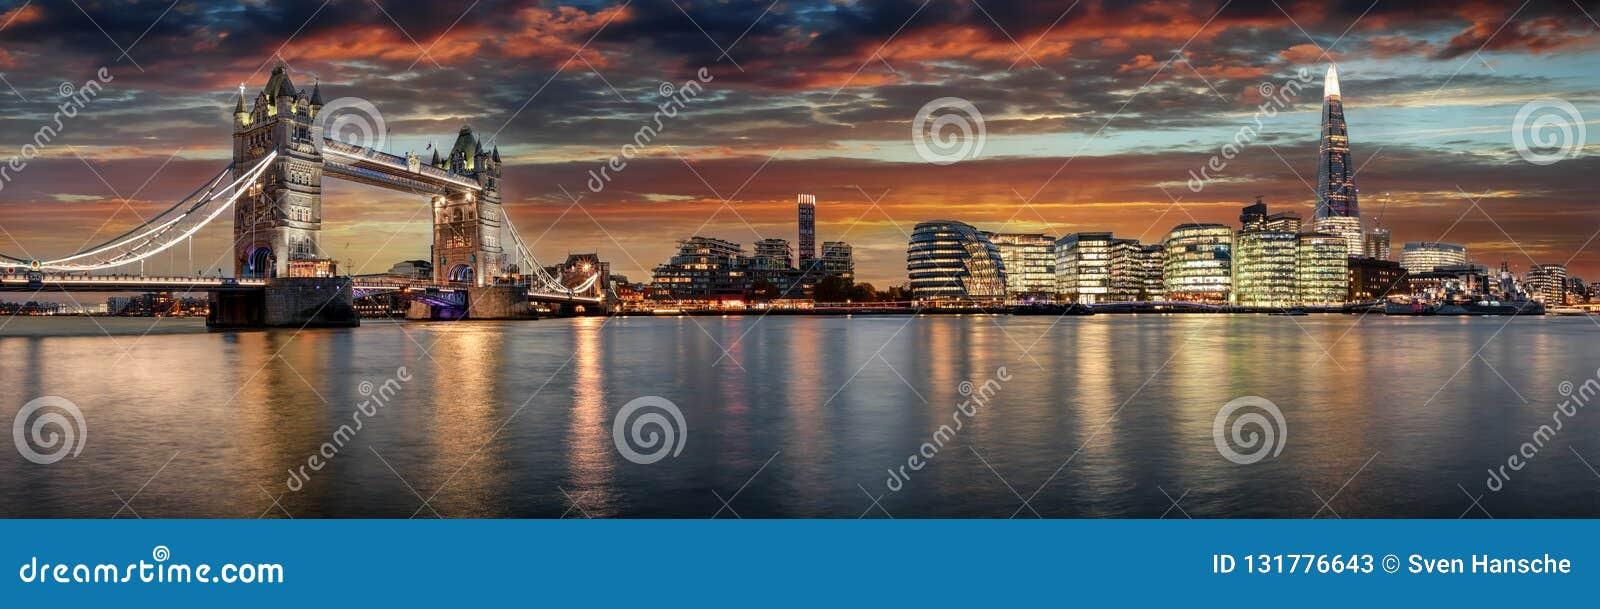 Från tornbron till den London bron under solnedgång